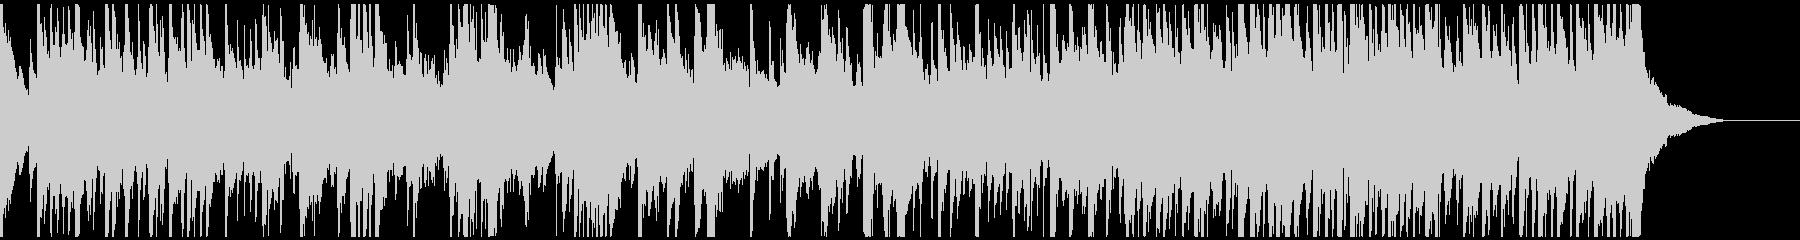 【生演奏】アコースティックなケルト風音楽の未再生の波形